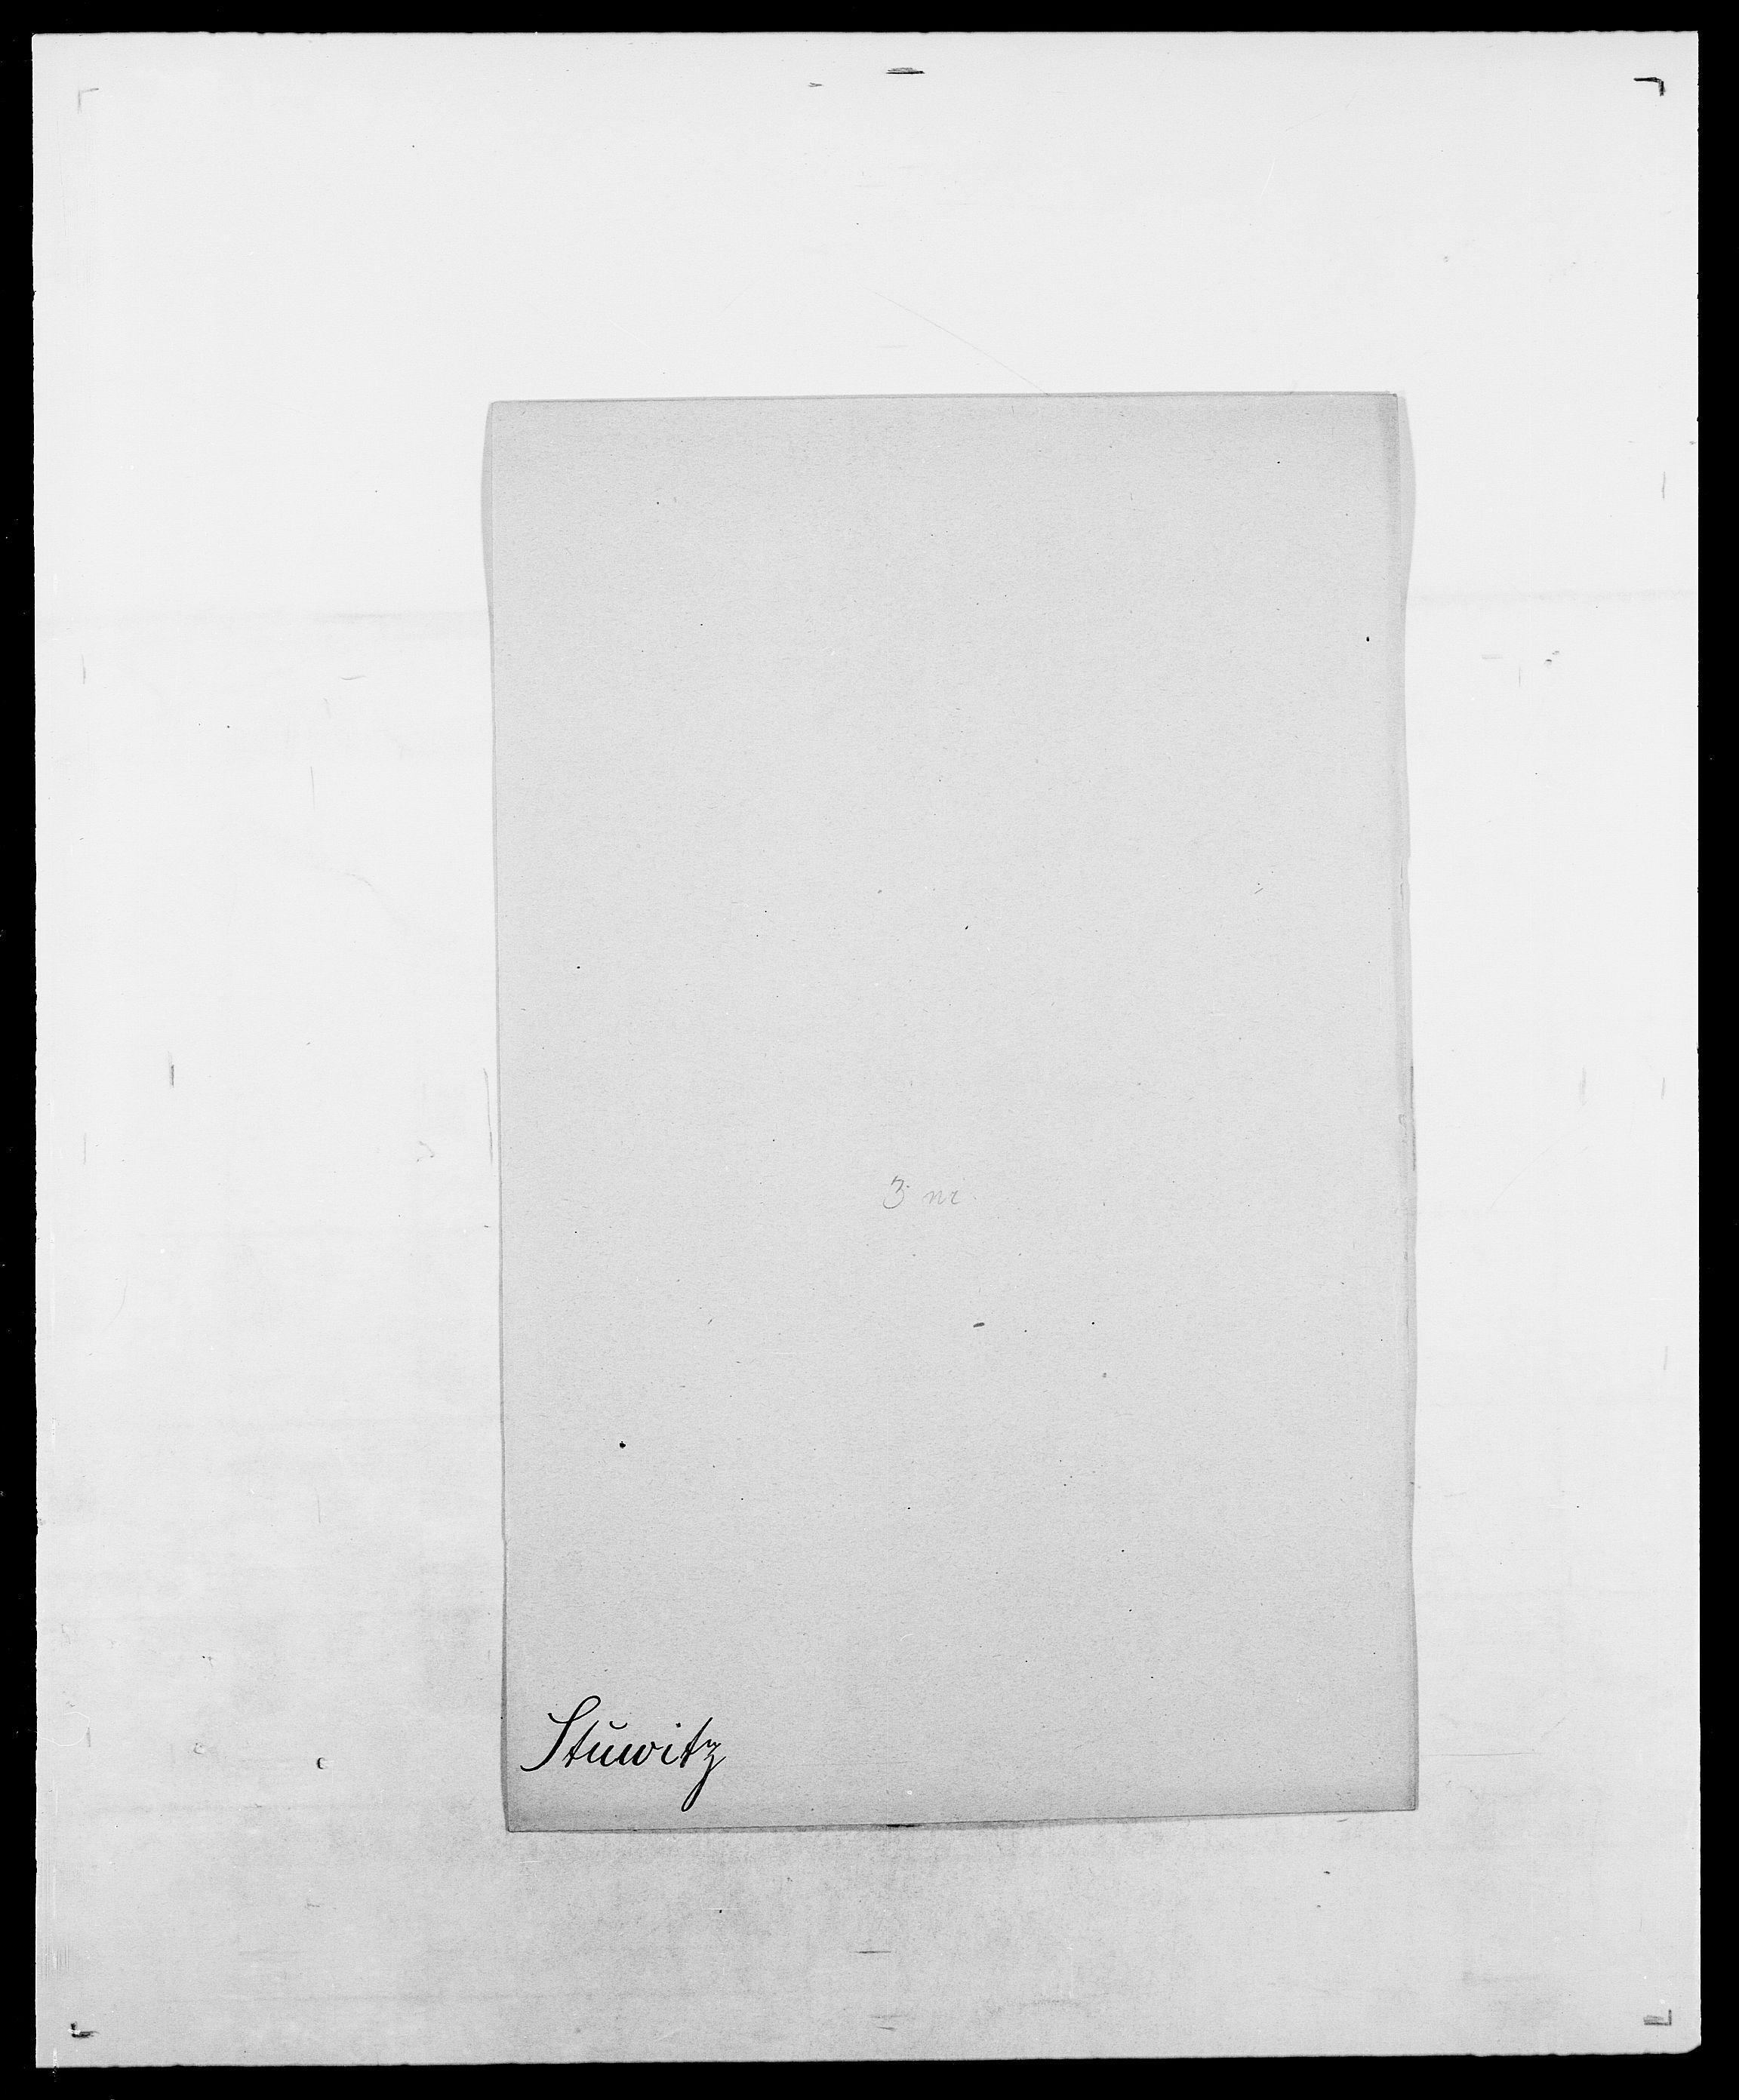 SAO, Delgobe, Charles Antoine - samling, D/Da/L0037: Steen, Sthen, Stein - Svare, Svanige, Svanne, se også Svanning og Schwane, s. 818